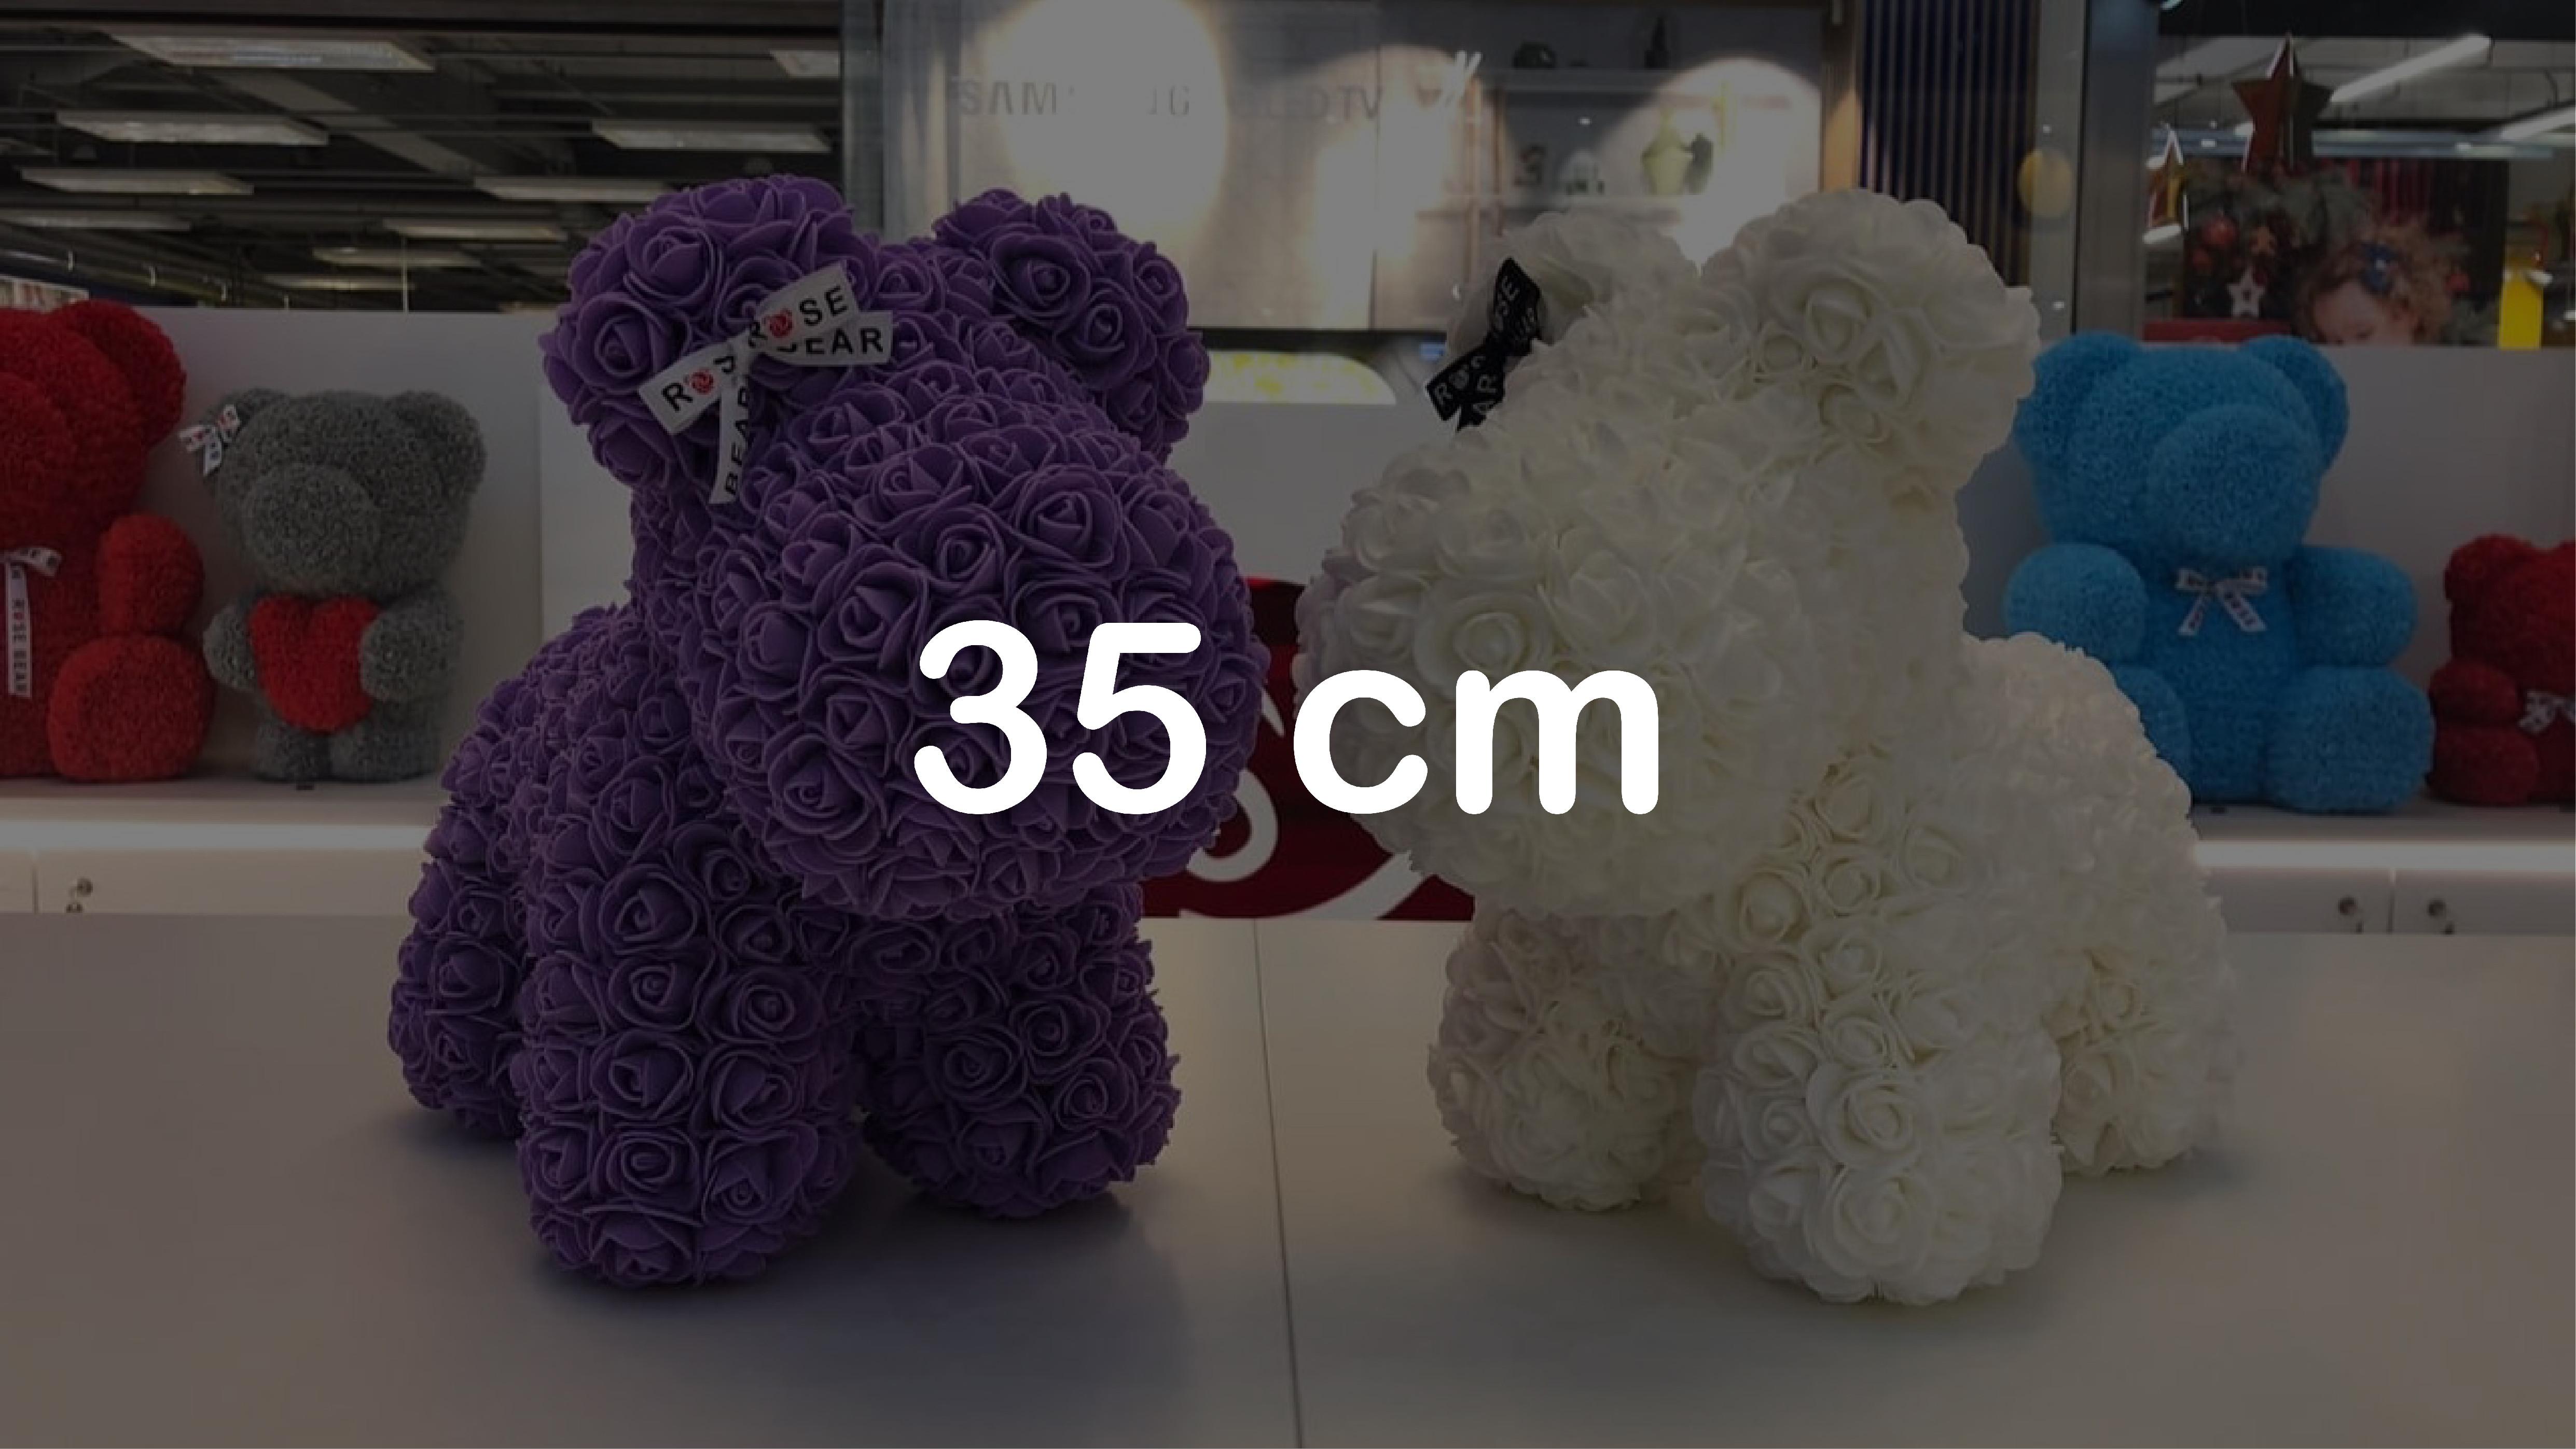 Pejsci 35 cm